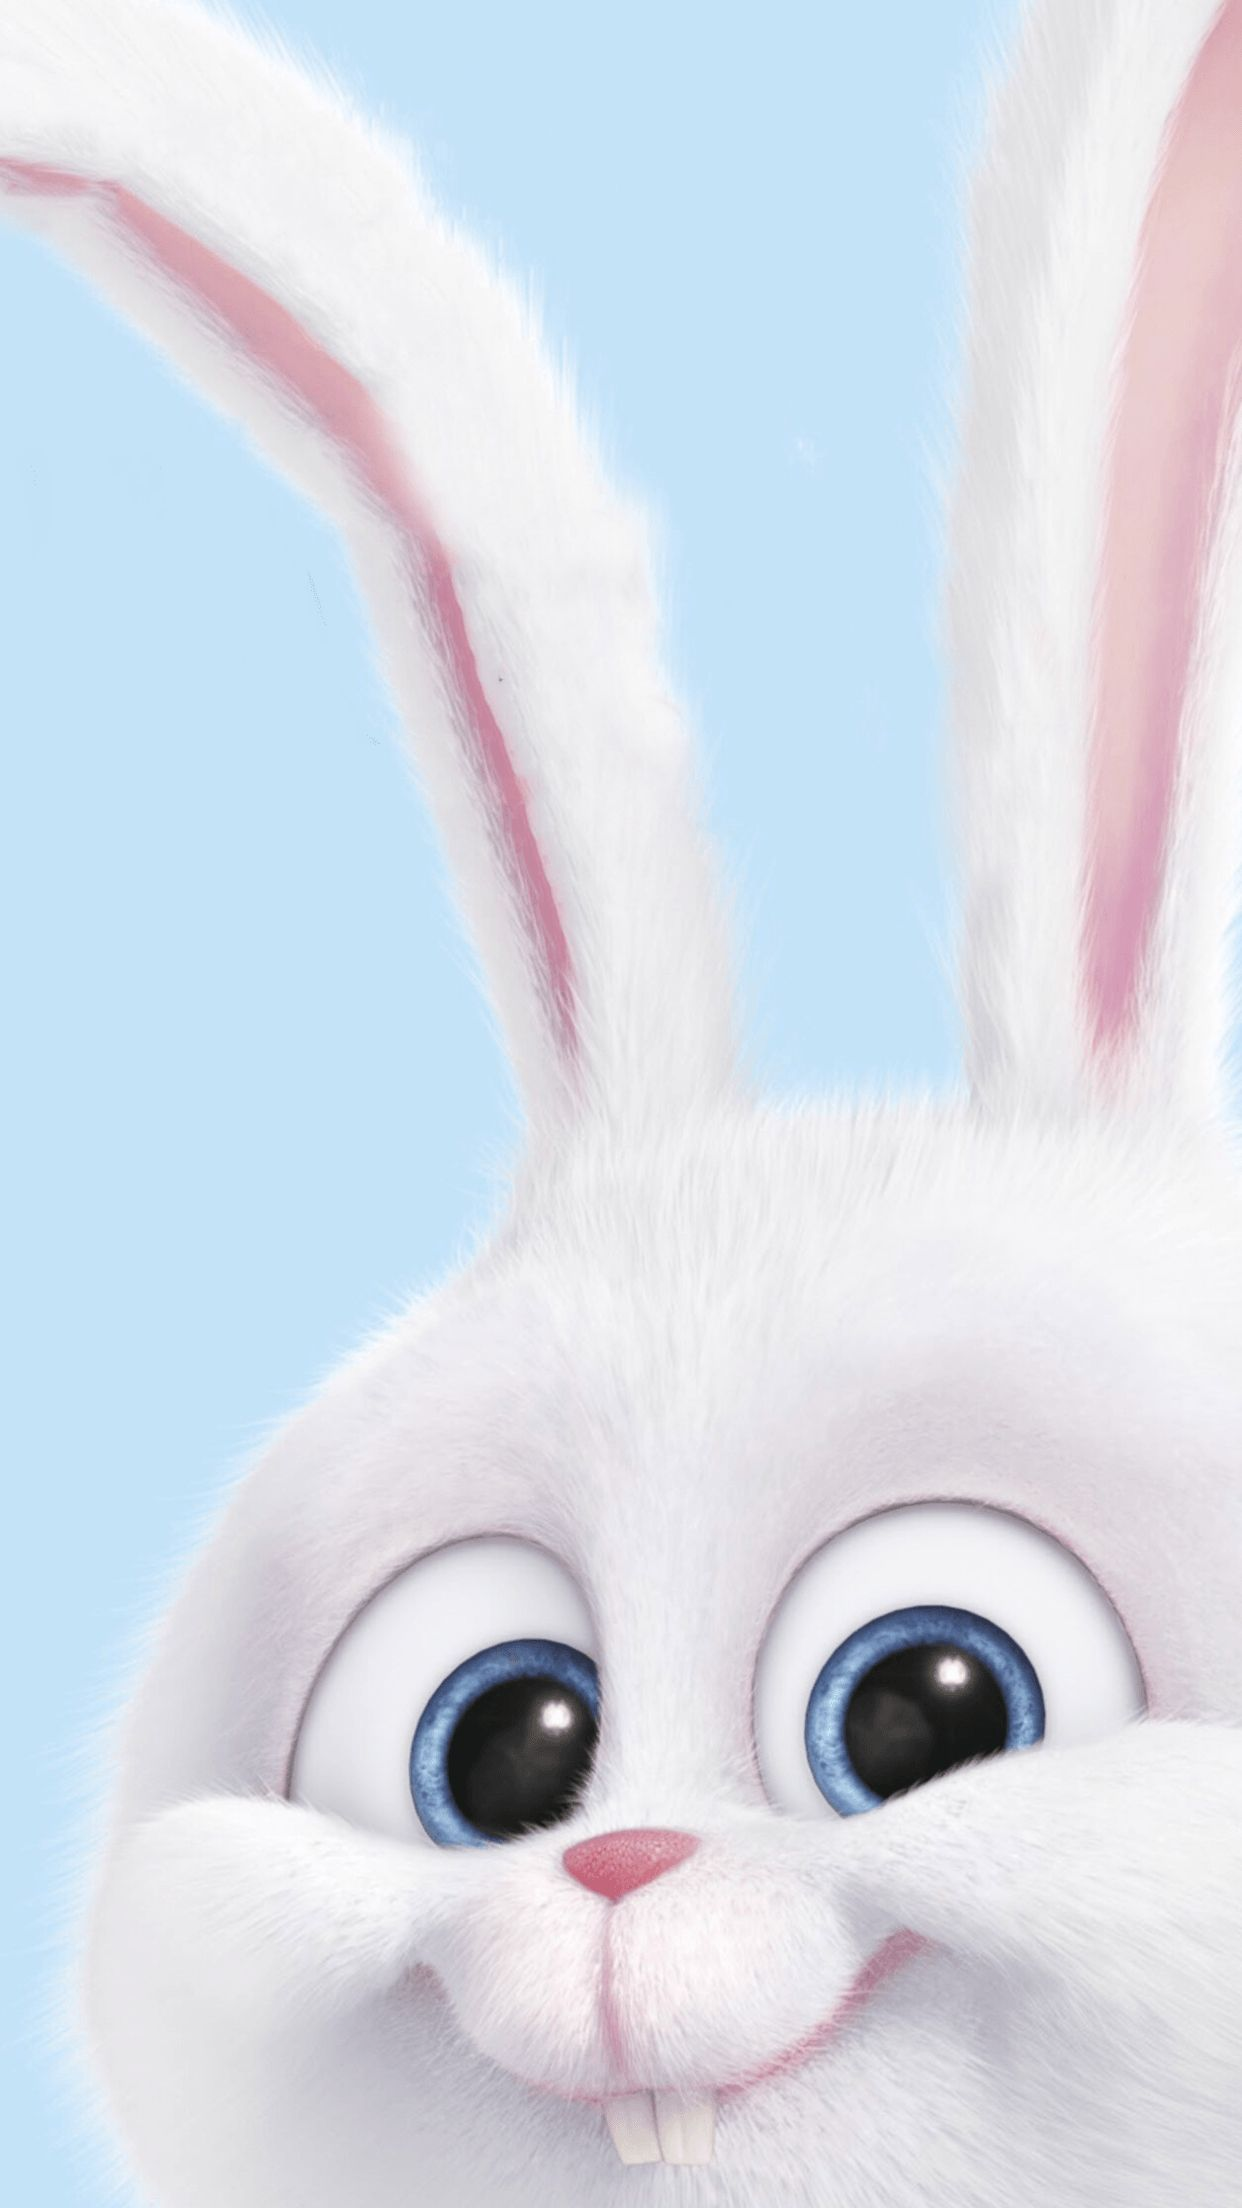 Rabbit Cute Bunny Cartoon Cartoon Clip Art Cute Cartoon Animals